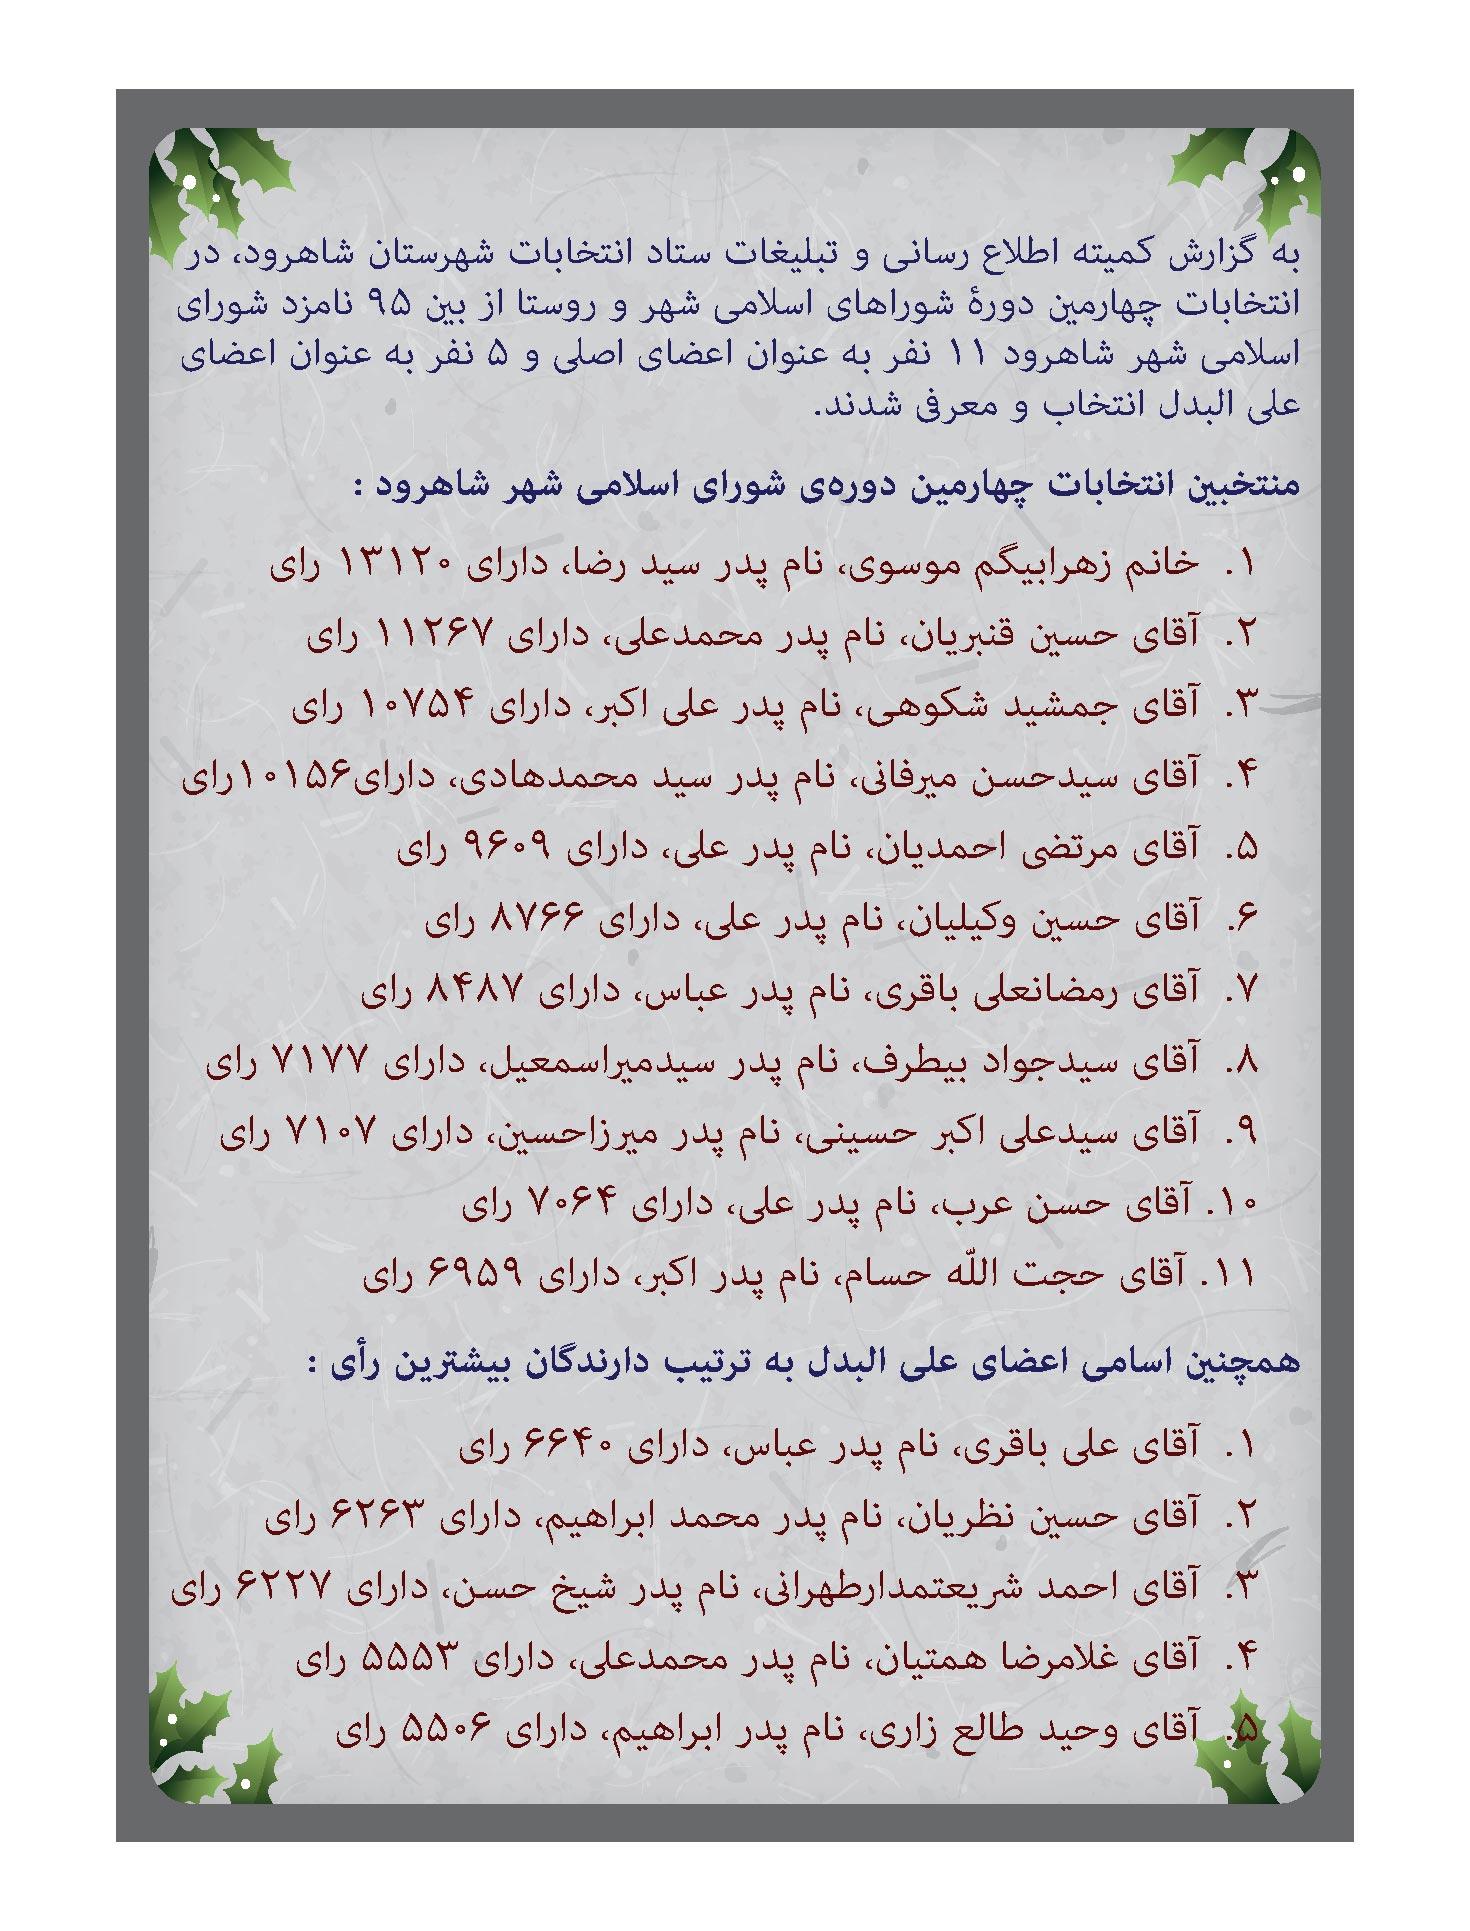 اسامی منتخبین مردم در شورای اسلامی شهر شاهرود